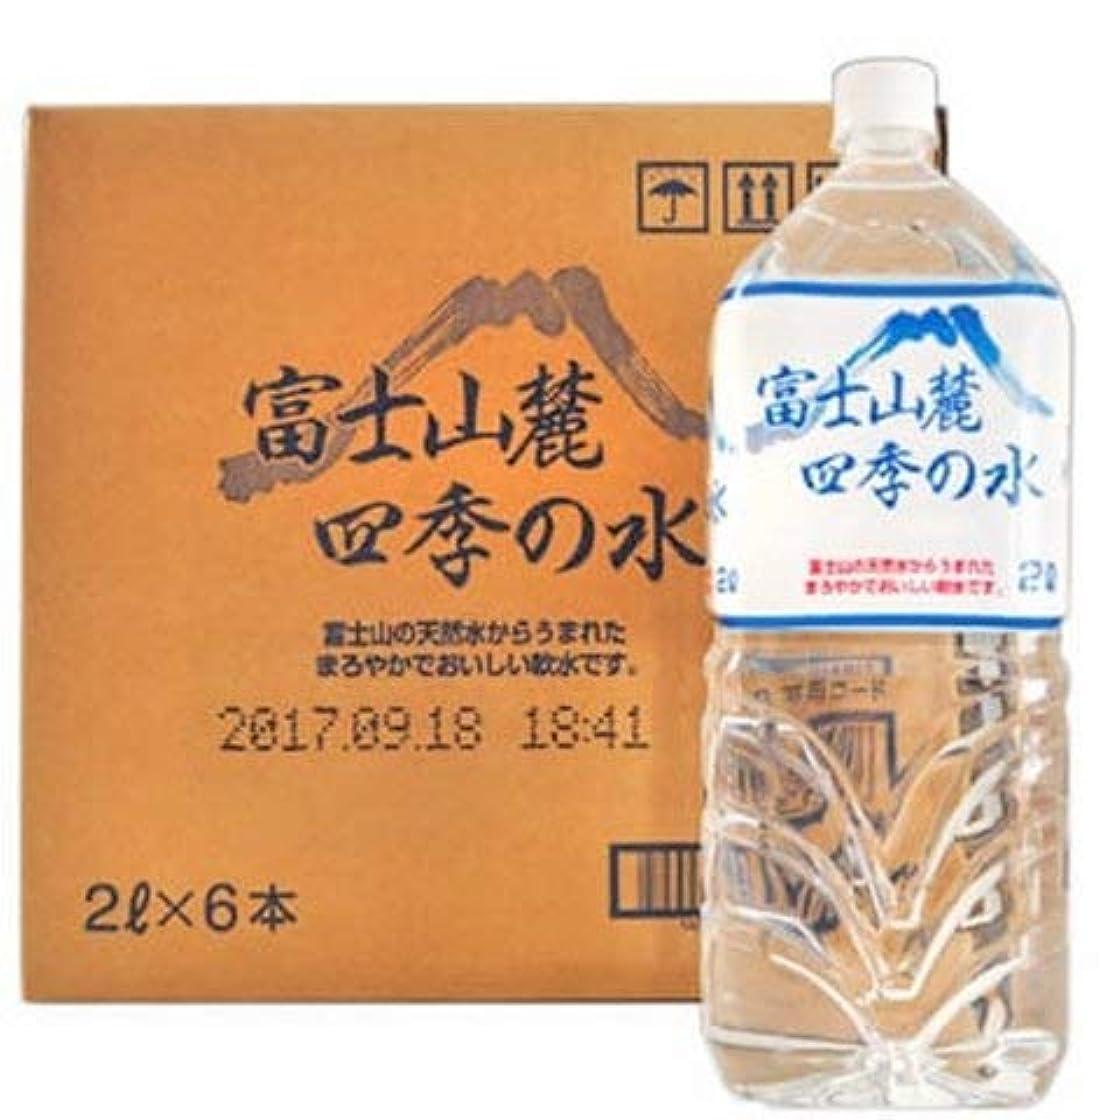 ママシティ料理をするCOSTCO(コストコ)富士山麓四季の水2L X 6 2L X 6 (入り数 1 pc)